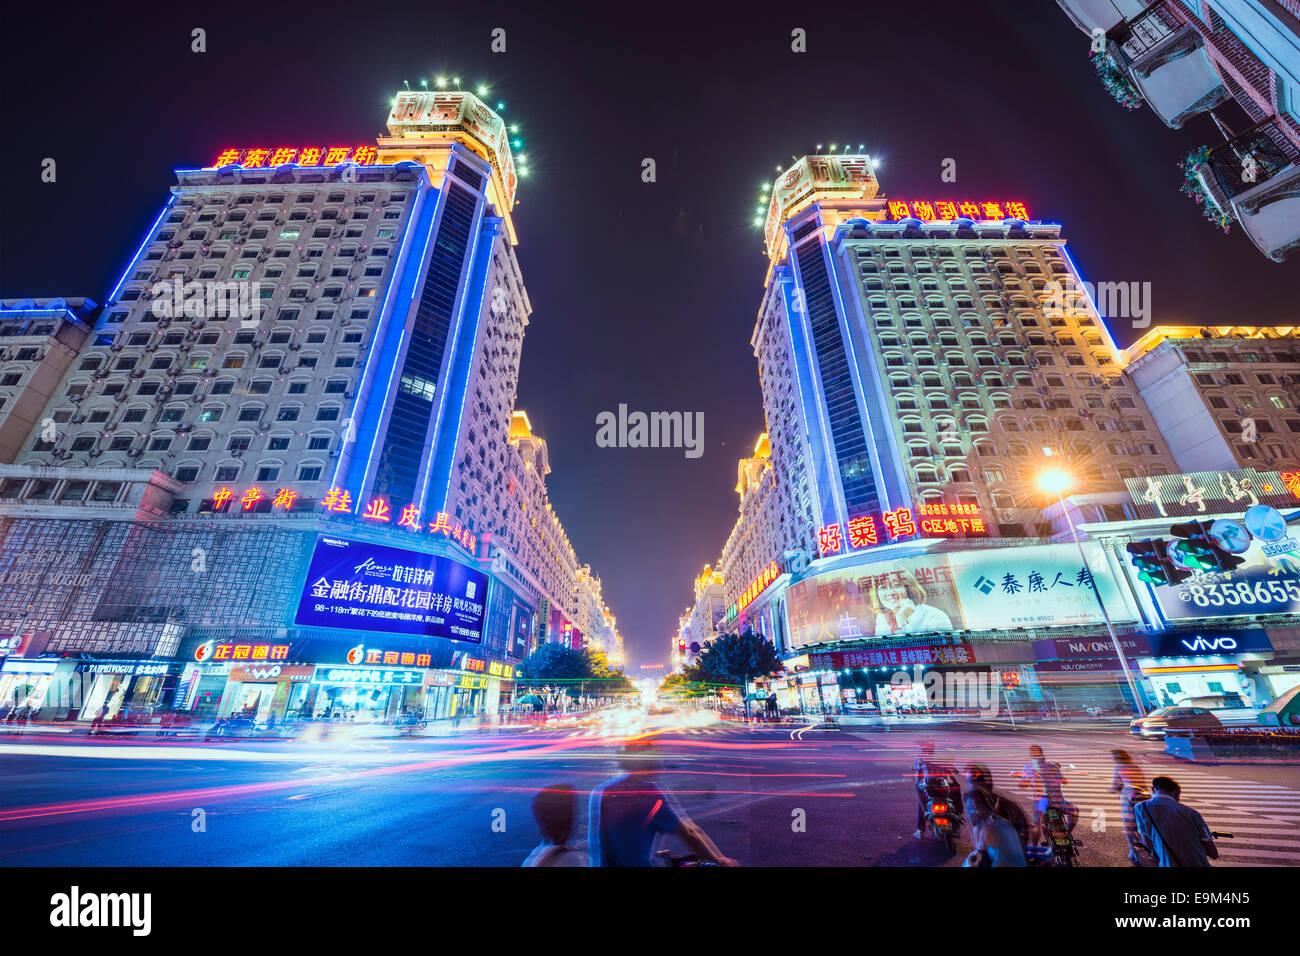 FUZHOU, CHINA - Junio 16, 2014: Bayiqi Street en la noche. La calle es el distrito comercial más antigua de Imagen De Stock